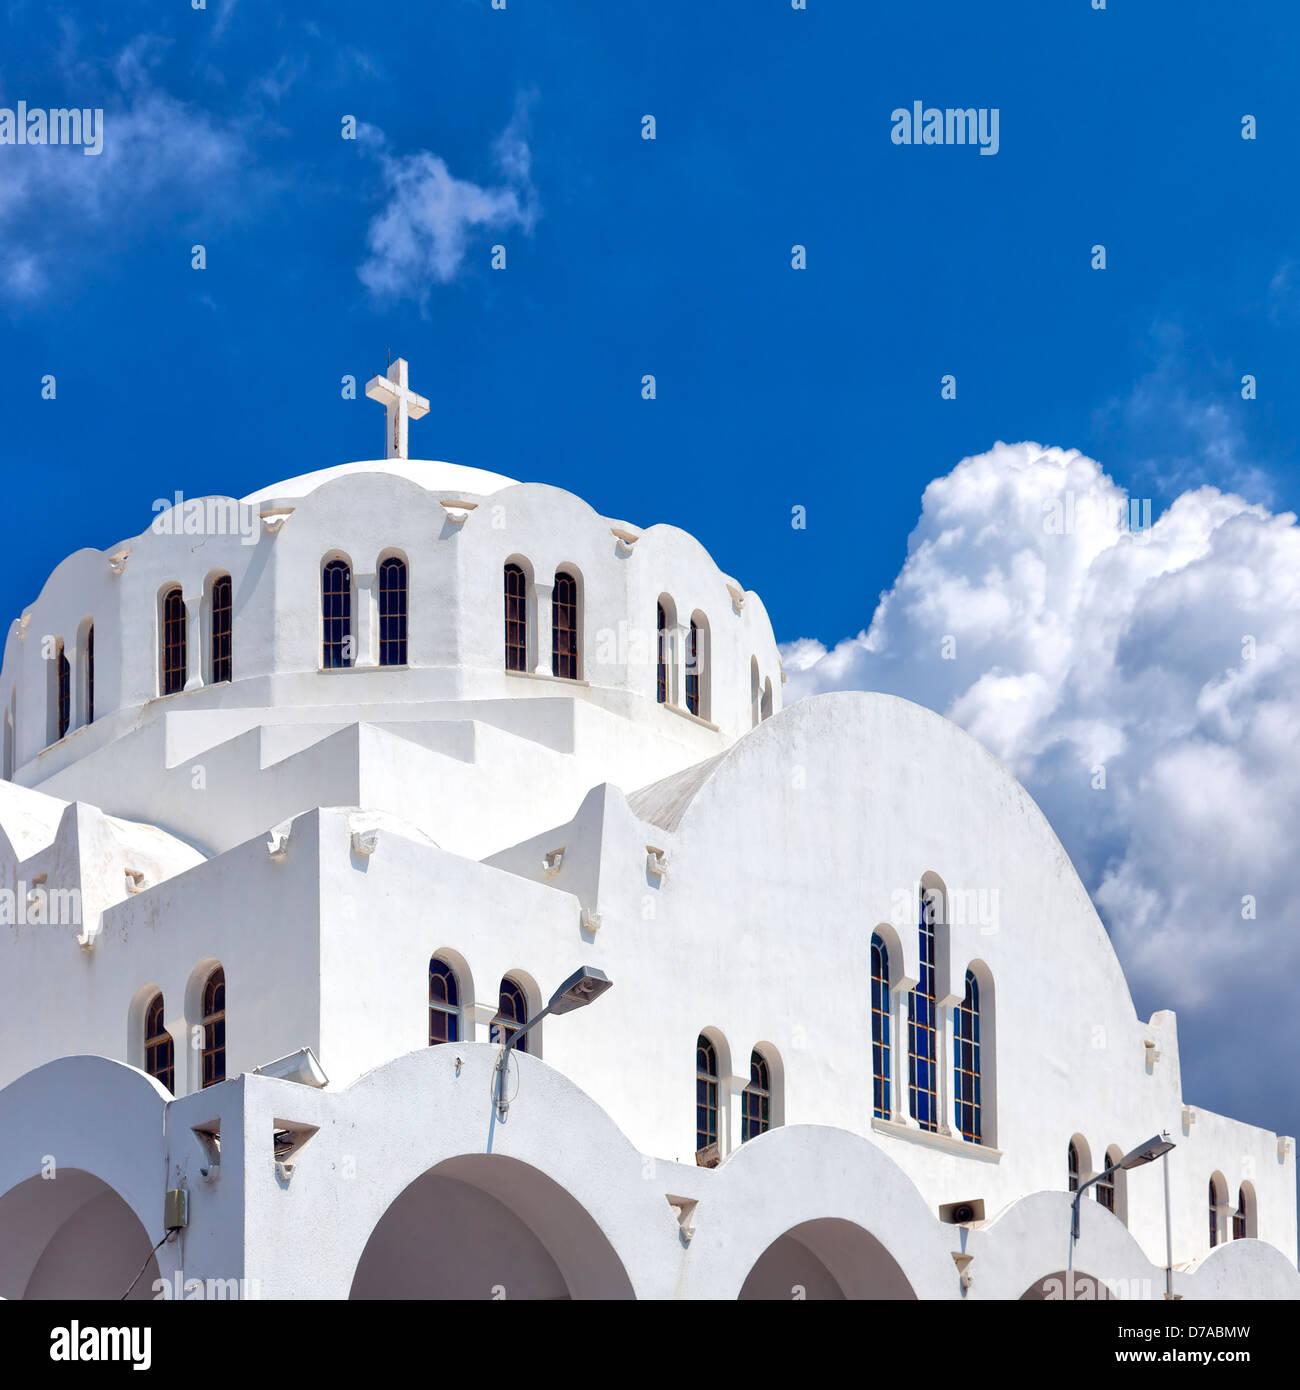 Il metropolita ortodosso duomo situato nel capoluogo di fira sull'isola greca di Santorini. Immagini Stock